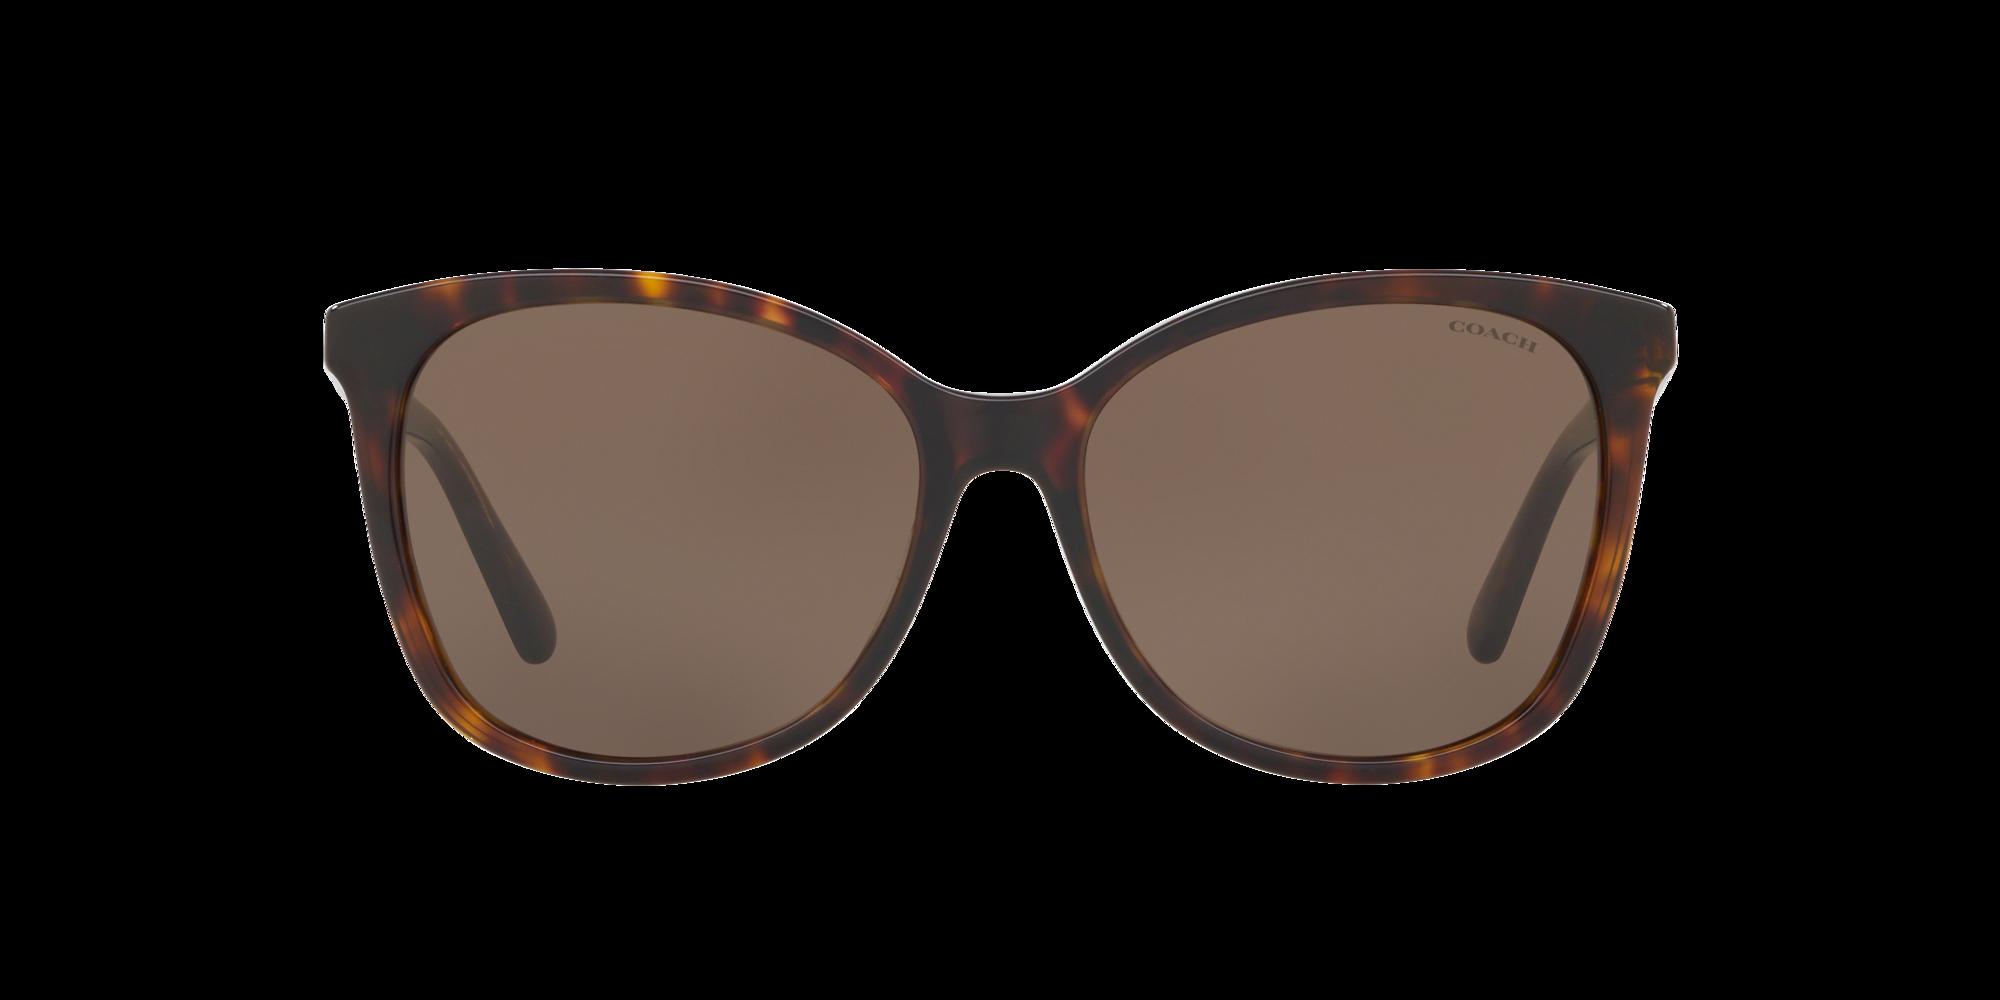 Imagen para HC8271U 57 L1101 de LensCrafters |  Espejuelos, espejuelos graduados en línea, gafas